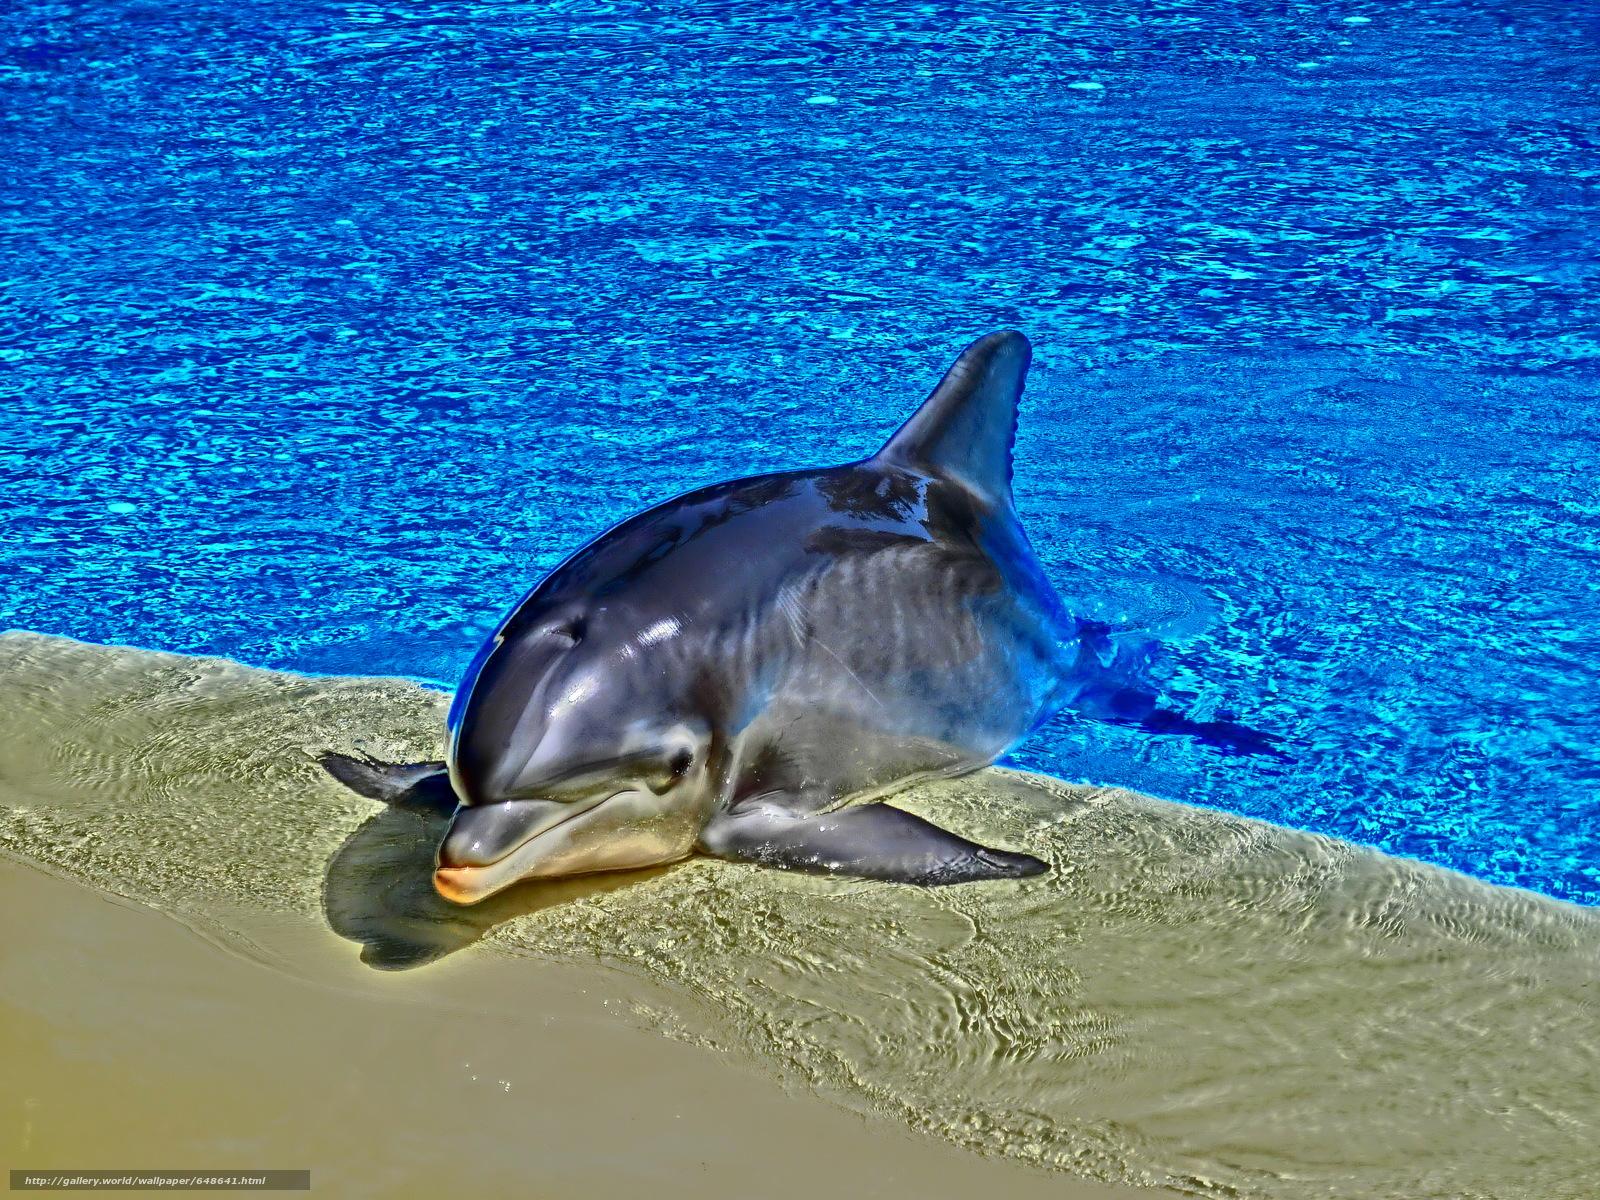 Tlcharger Fond d'ecran delphinarium,  piscine,  dauphin Fonds d'ecran gratuits pour votre rsolution du bureau 3648x2736 — image №648641